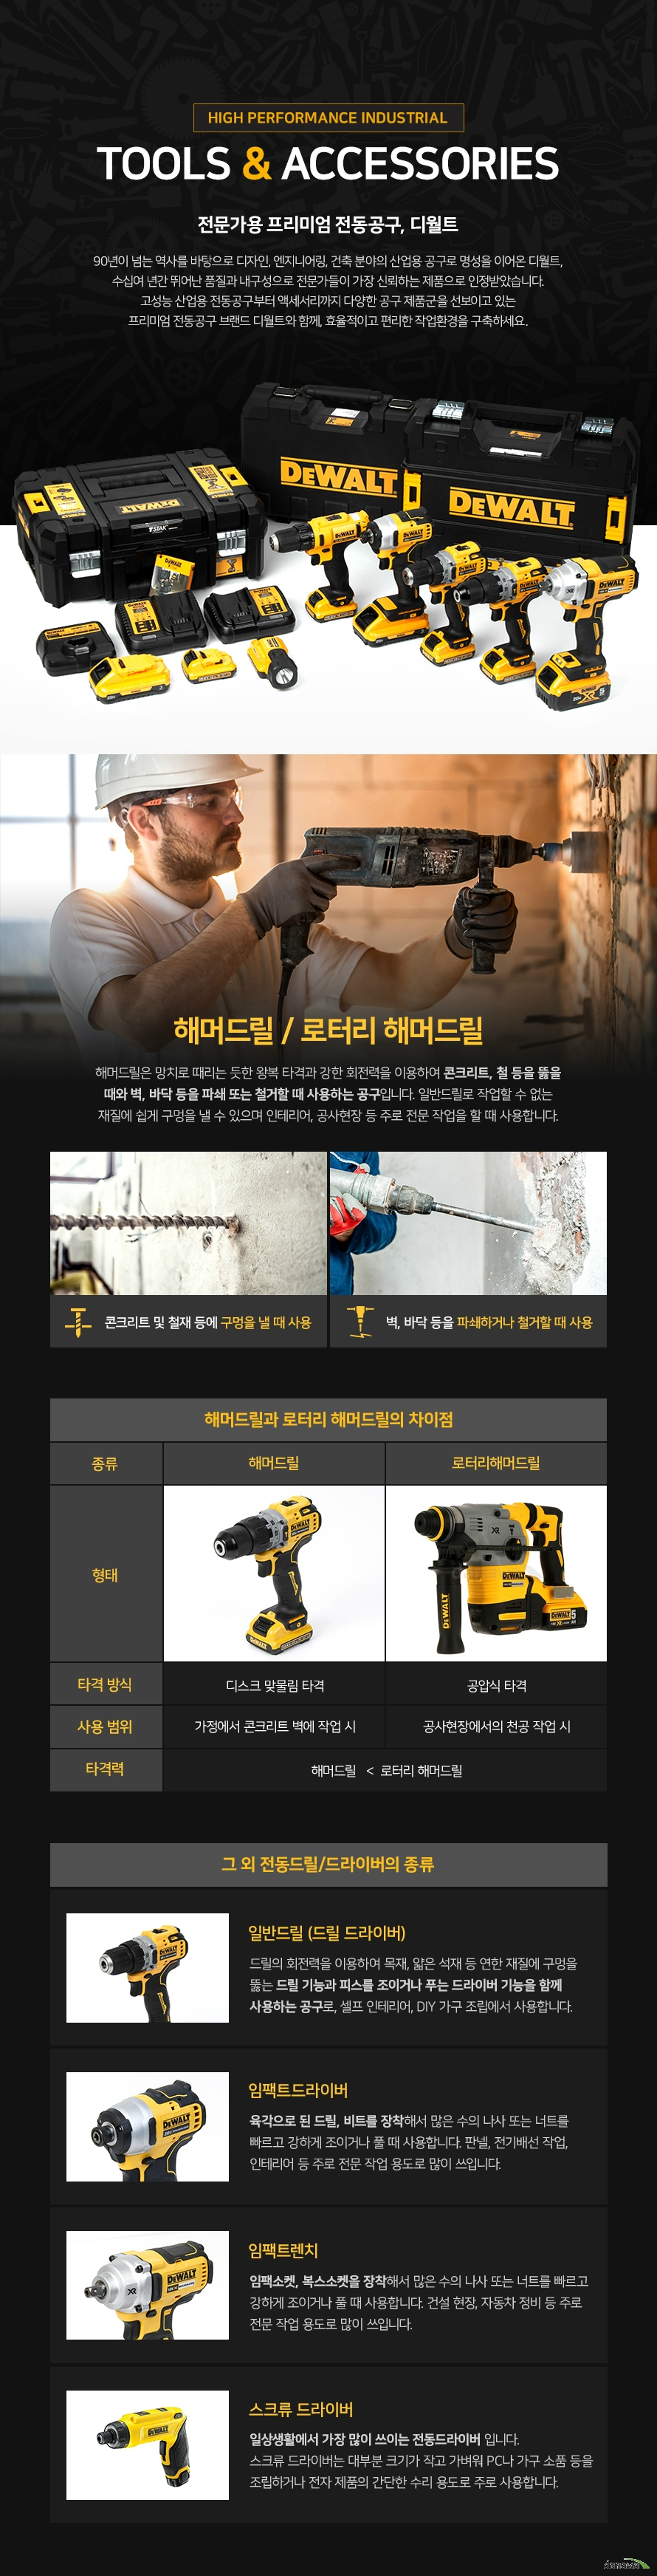 [촬영상품] 디월트 DCH133 (5.0Ah, 배터리 2개)